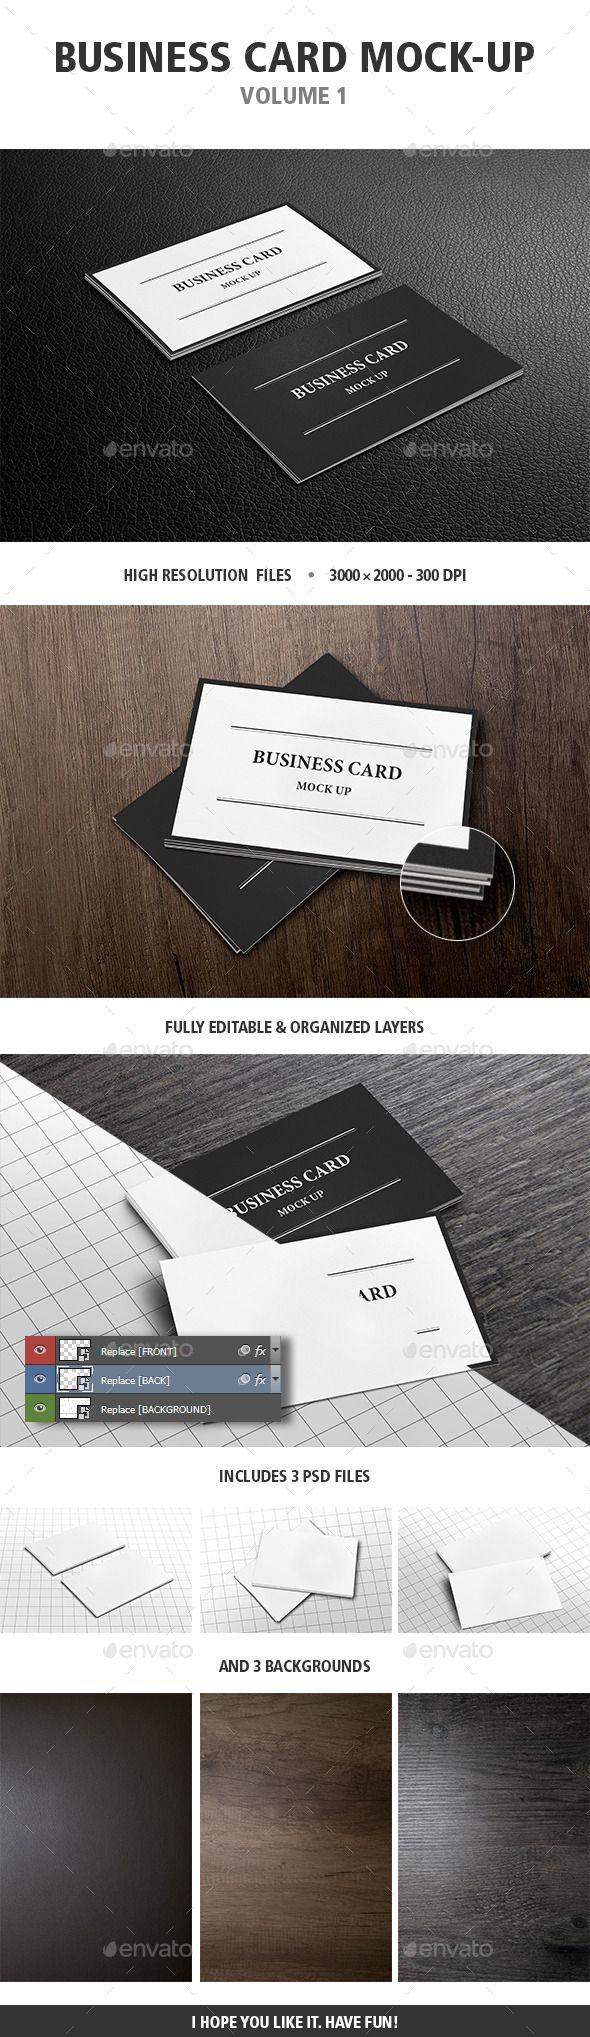 Business card mock up vol 1 mockup business cards and business business card mock up vol 1 reheart Images